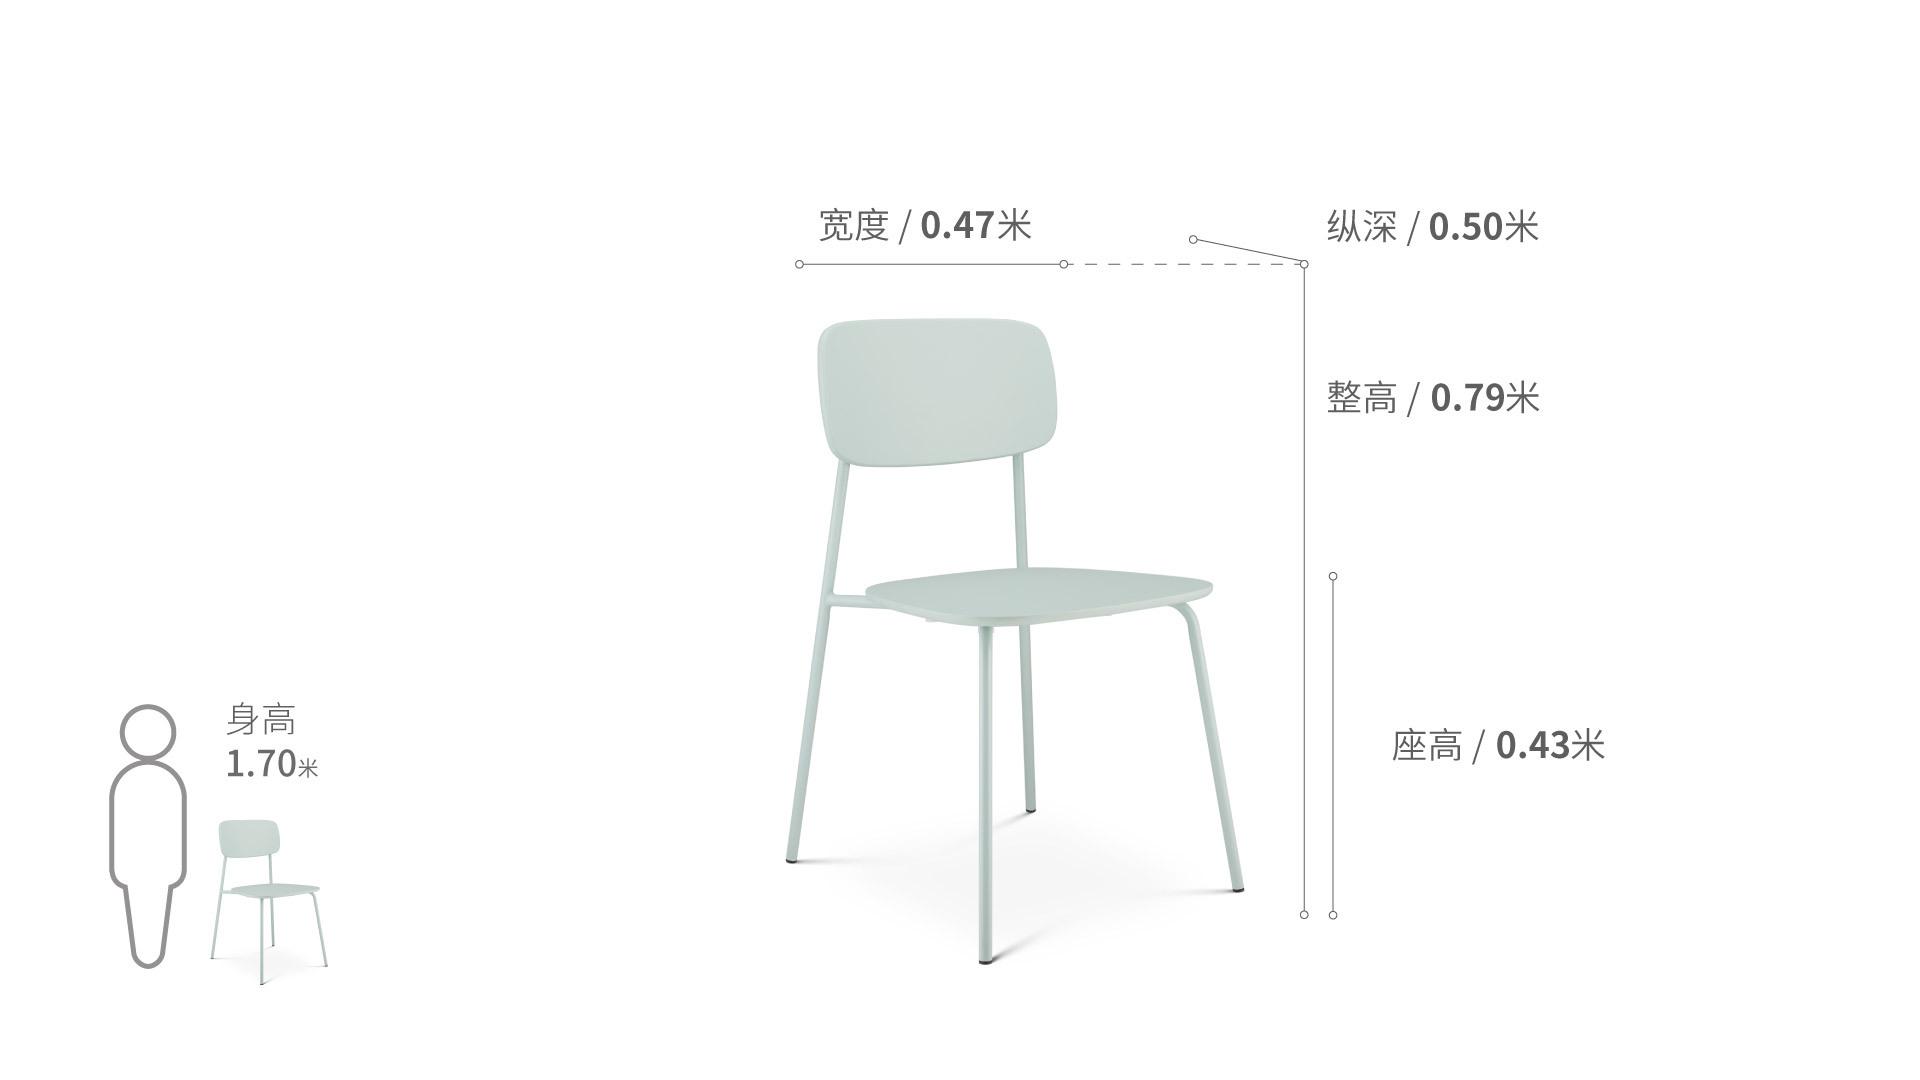 蜻蜓椅椅凳效果图